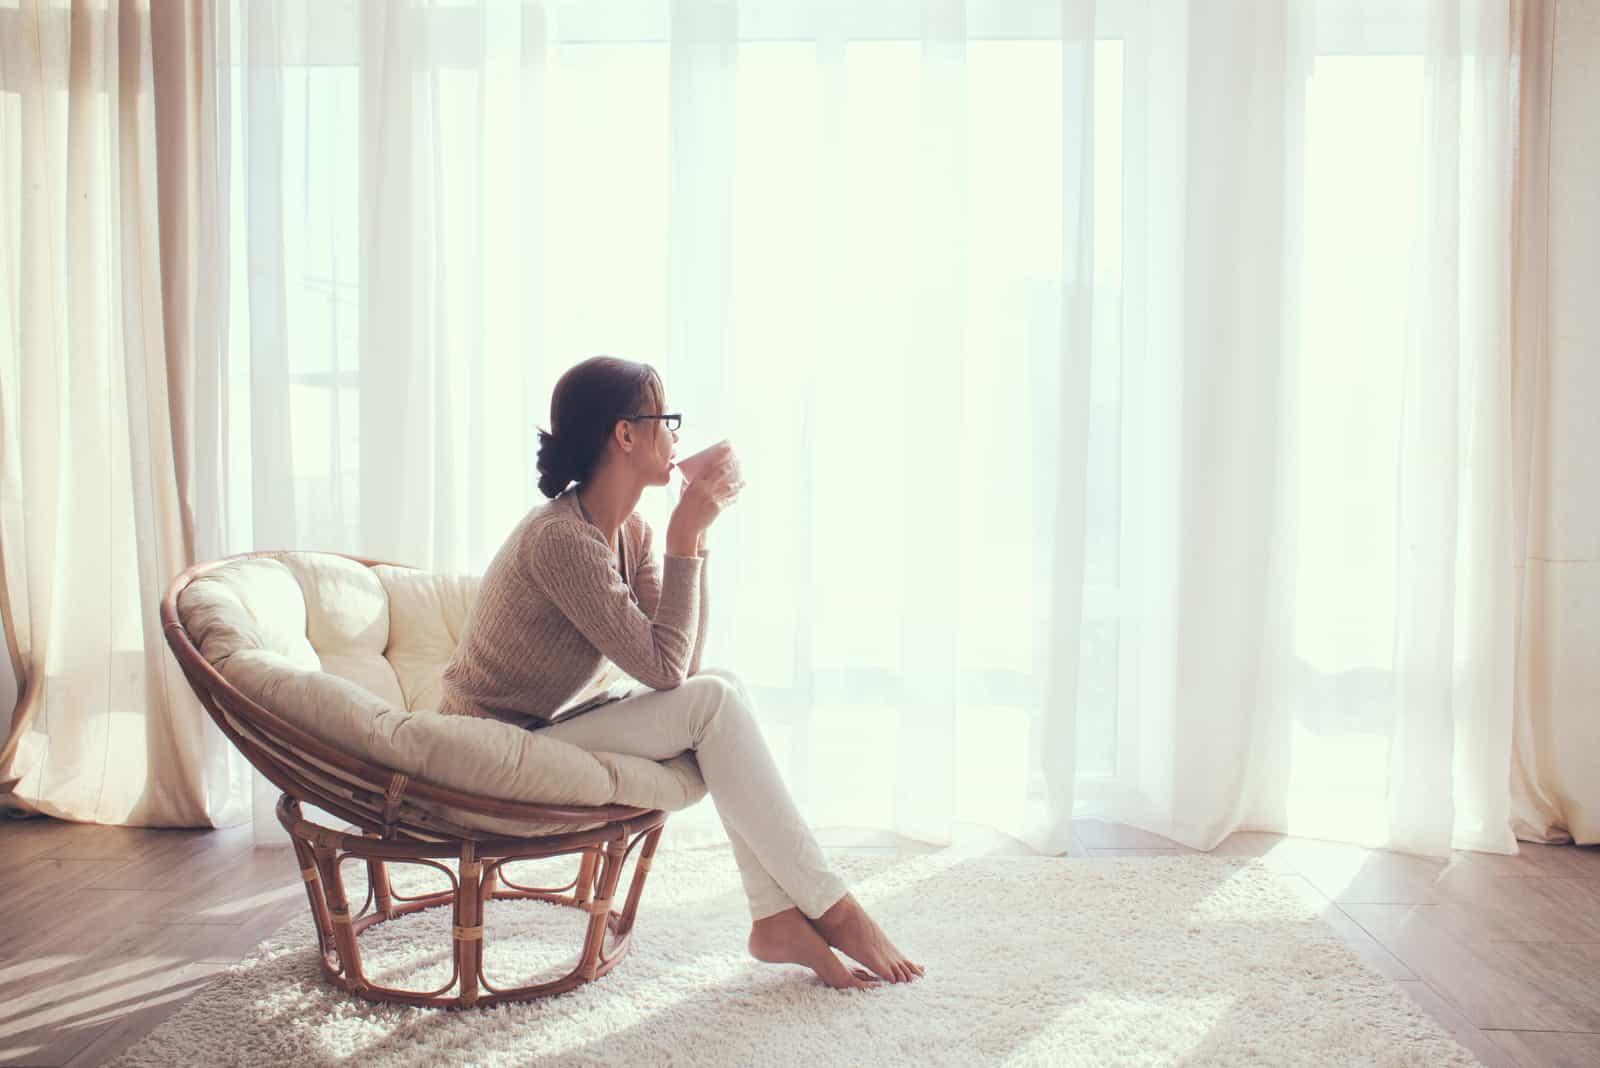 Junge Frau zu Hause, die auf modernem Stuhl sitzt